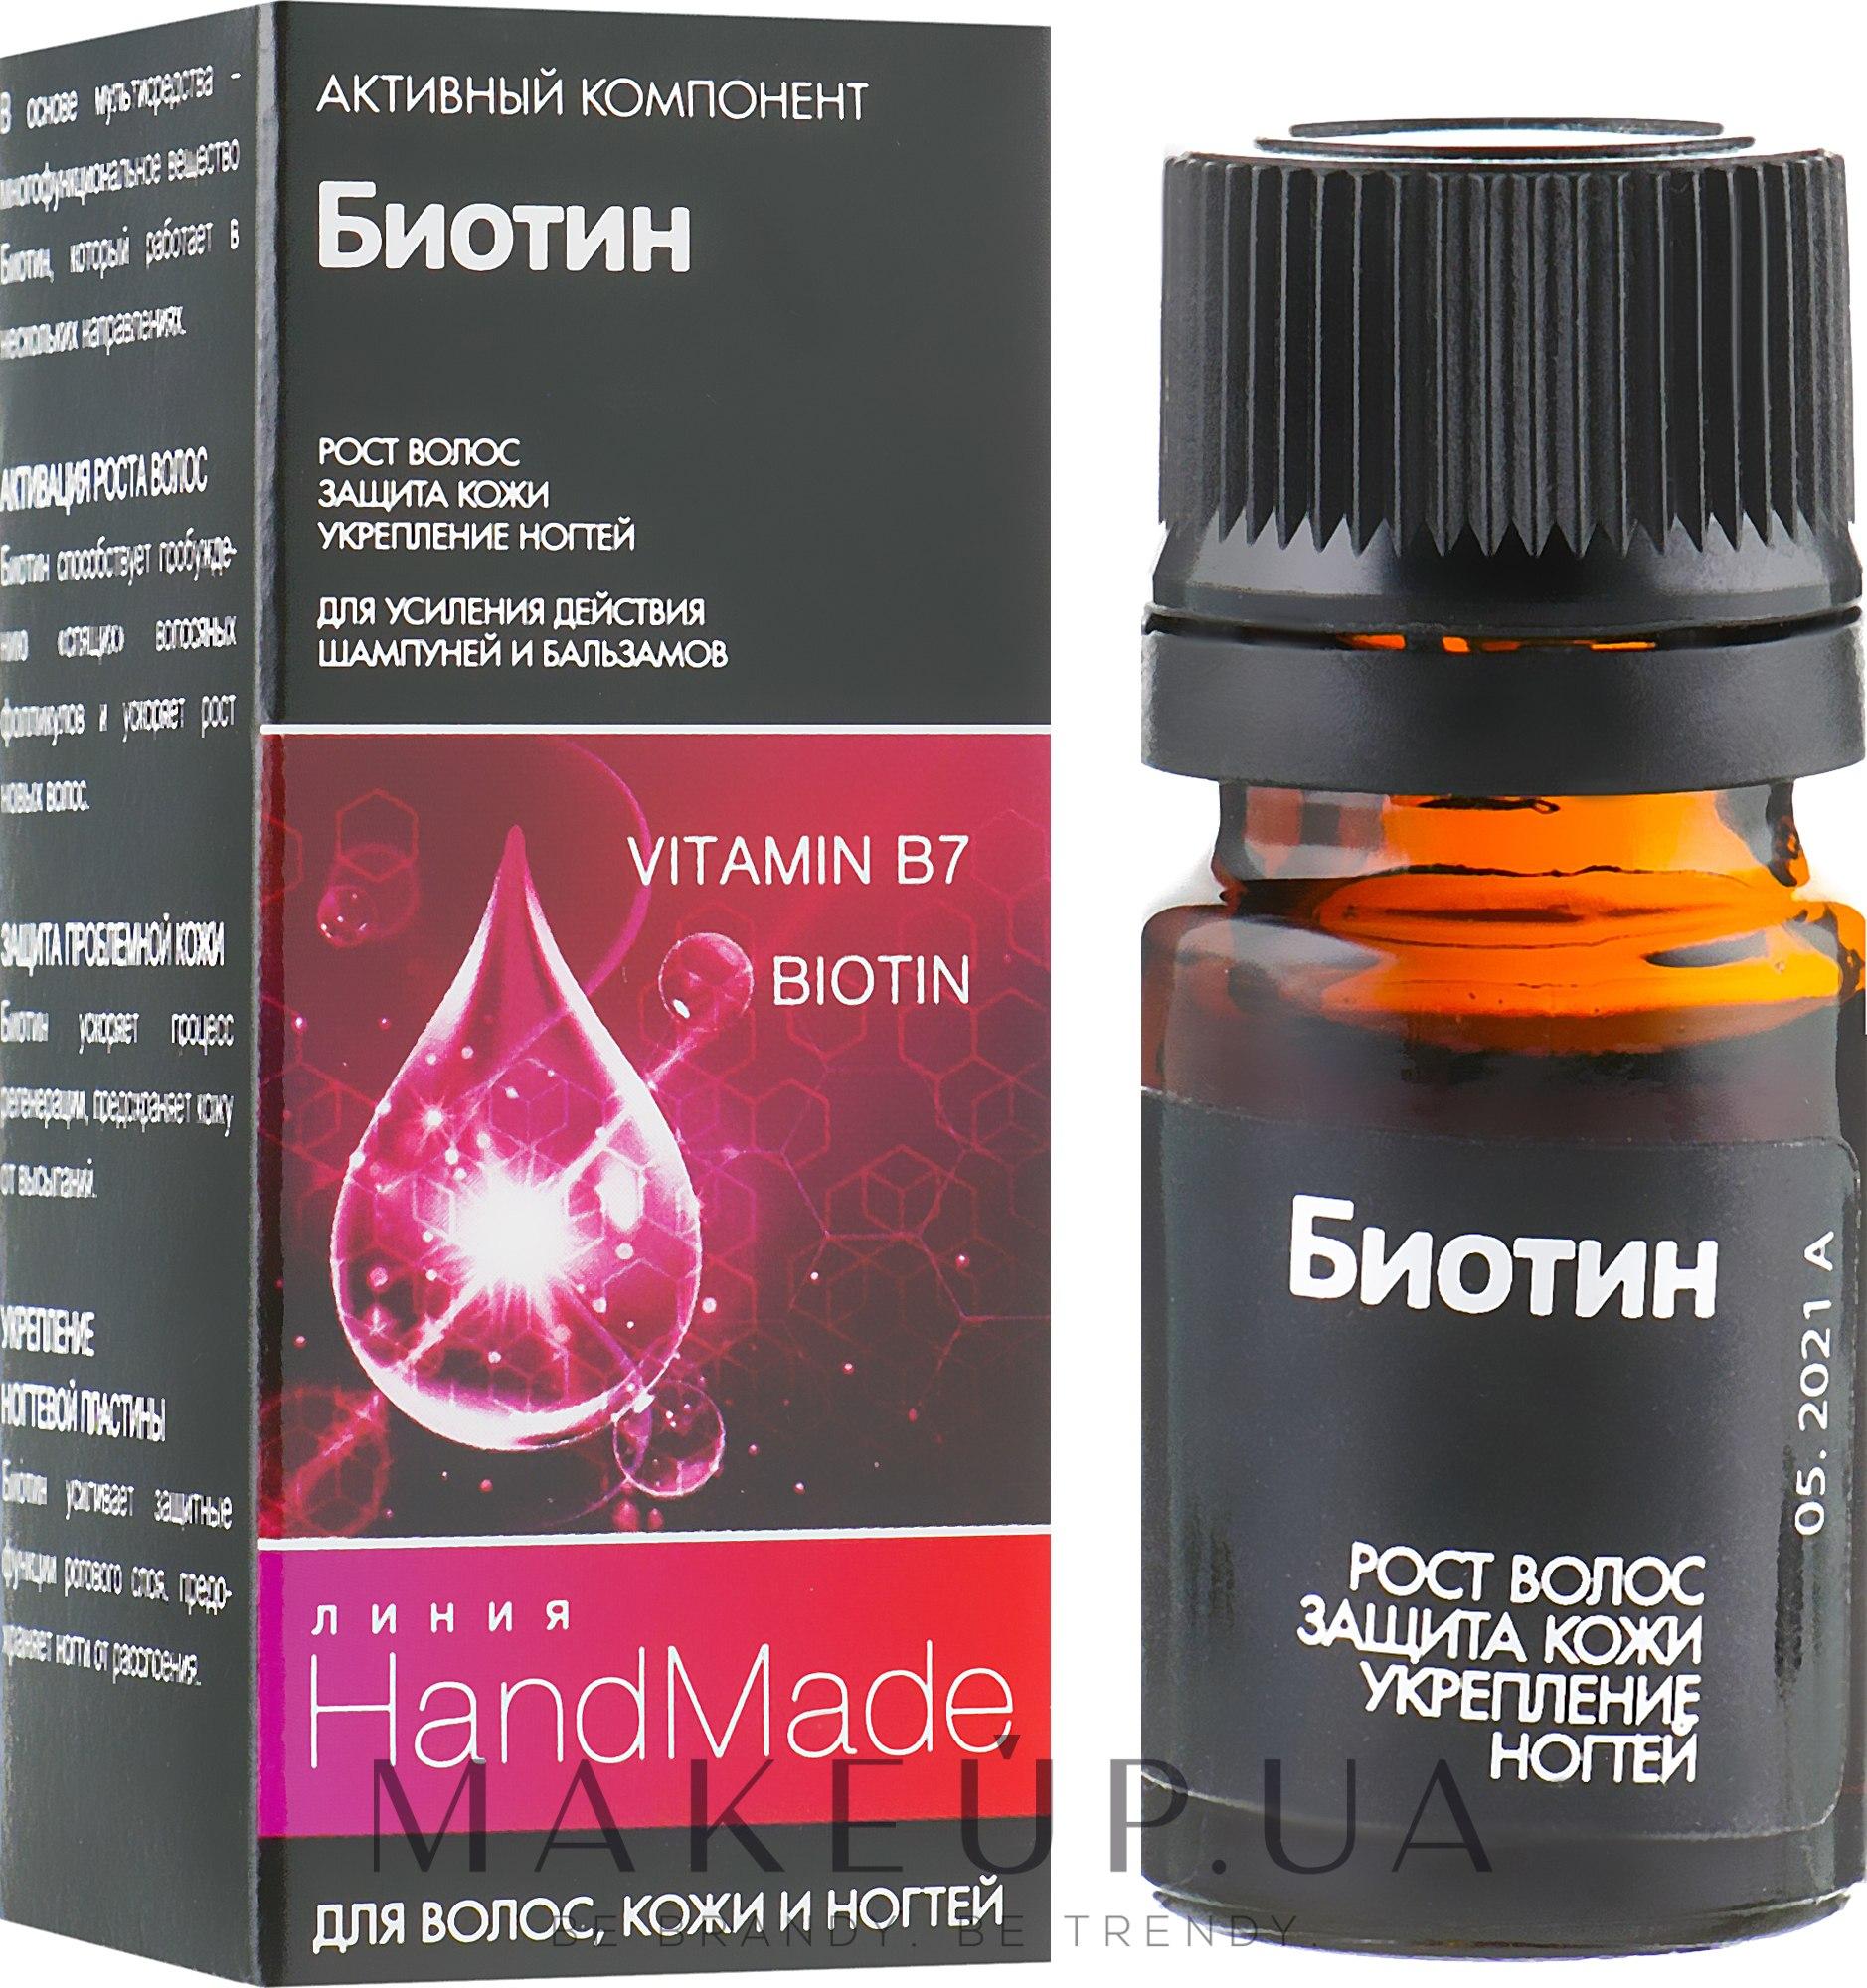 Биотин для волос, инструкция по применению. лучший биотин на айхерб